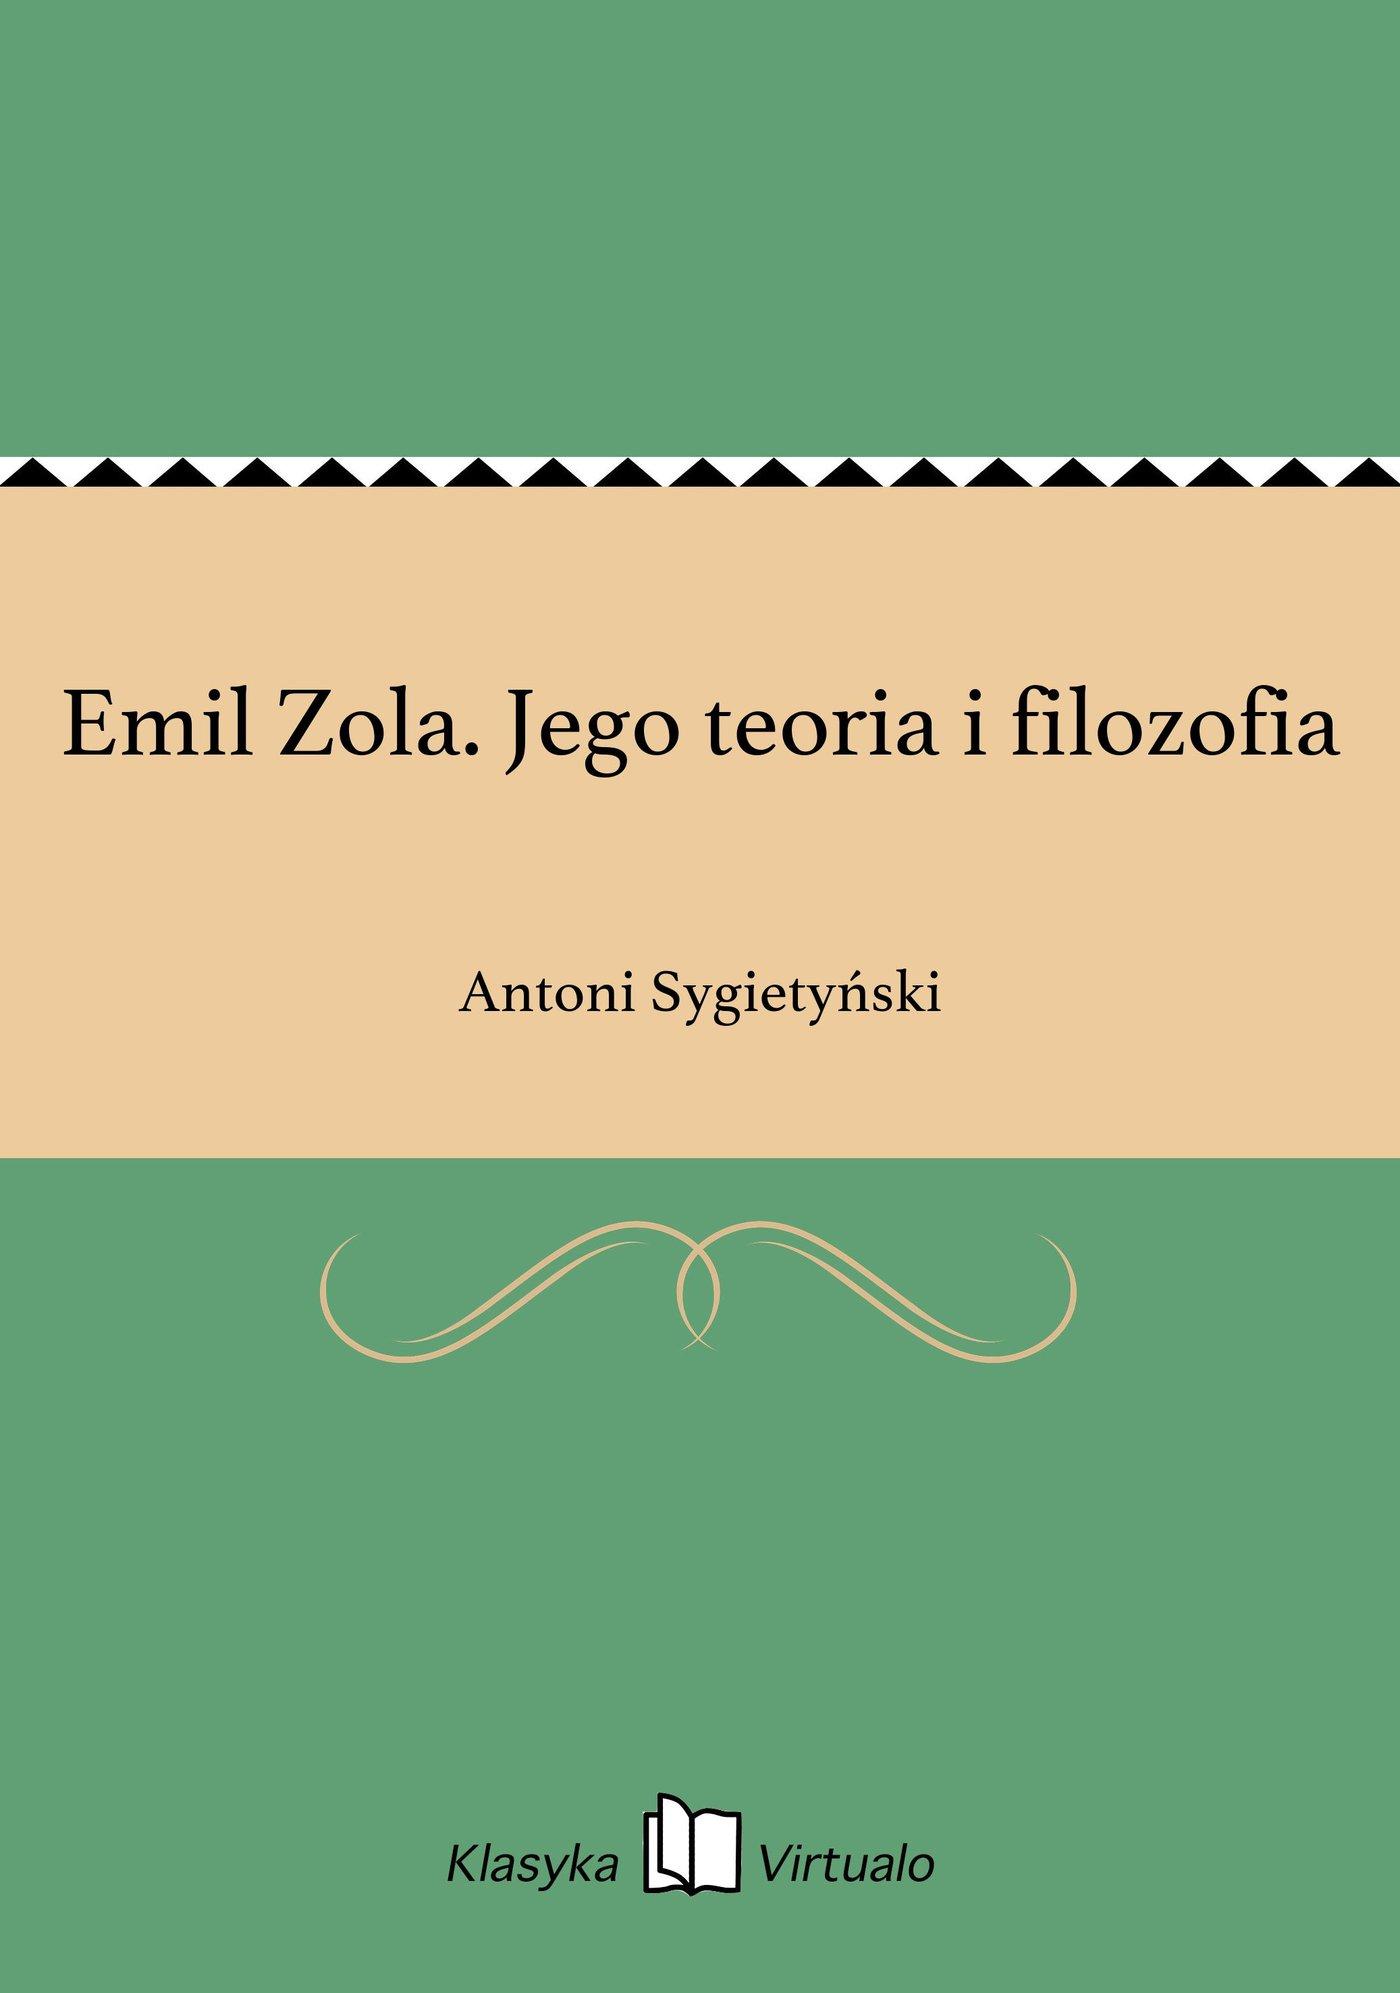 Emil Zola. Jego teoria i filozofia - Ebook (Książka EPUB) do pobrania w formacie EPUB